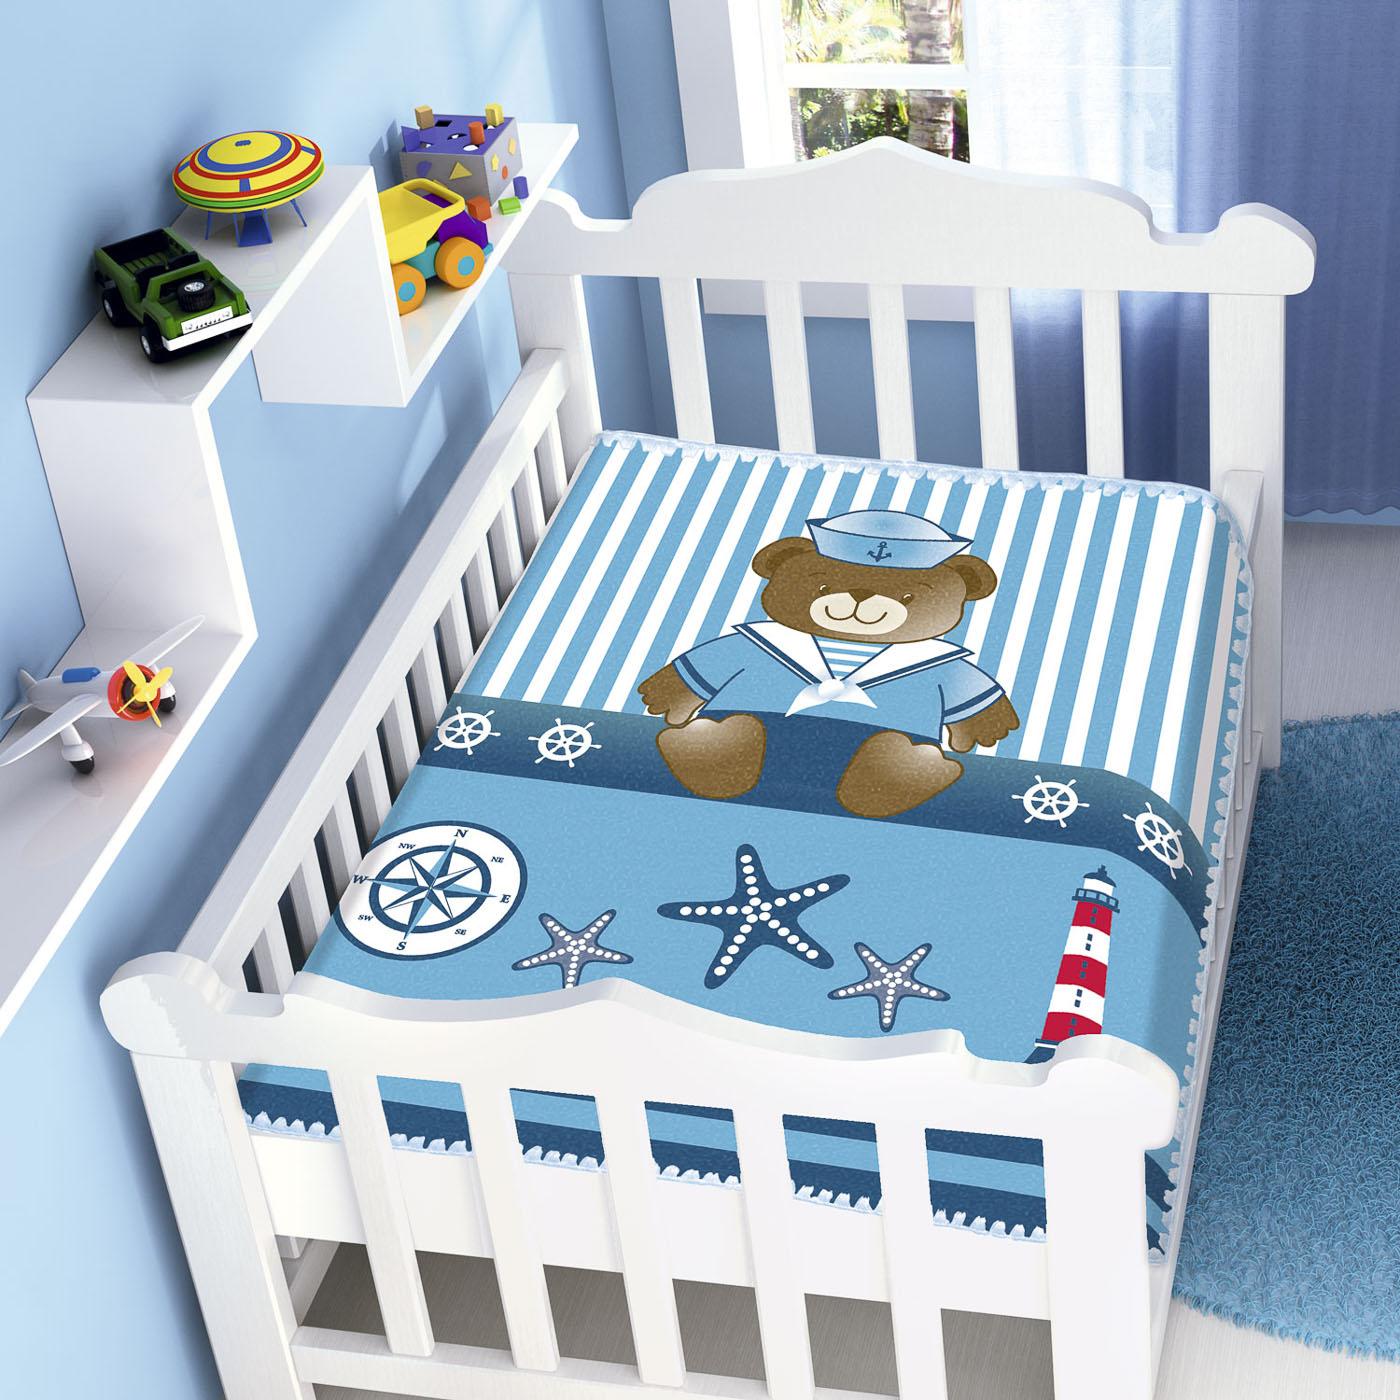 Cobertor Bebê Infantil Jolitex Raschel 0,90x1,10m Marinheiro Azul